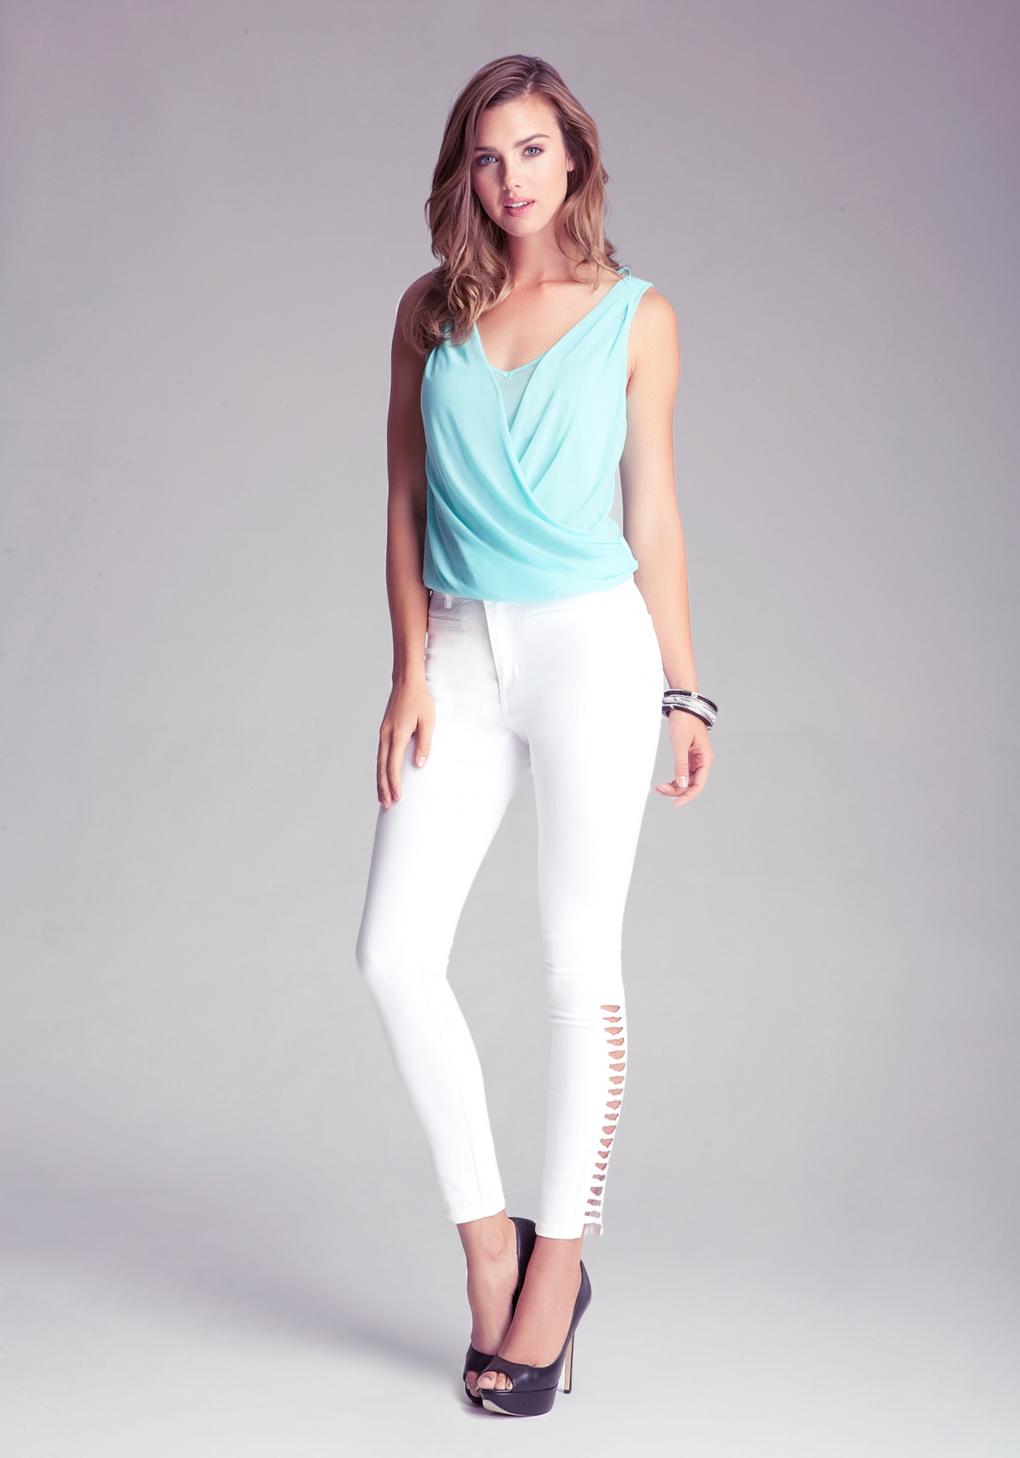 Bebe Lattice Skinny Jeans In White